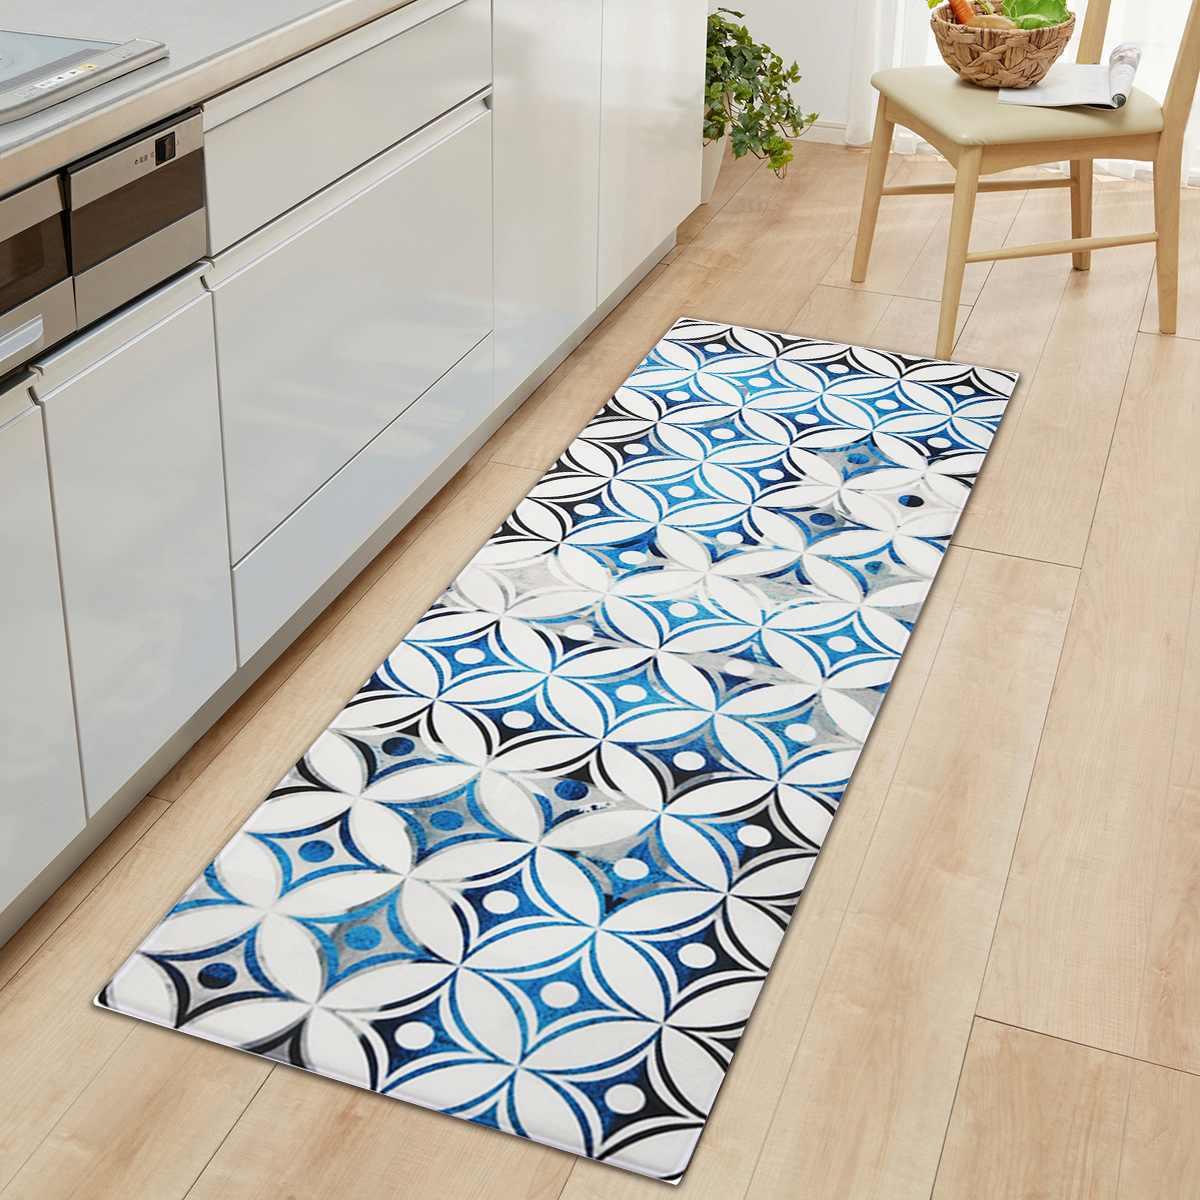 Dywaniki kuchenne skóra PVC maty podłogowe duża podstawa dywany wycieraczki sypialnia Tatami wodoodporna olejoodporne dywaniki kuchenne